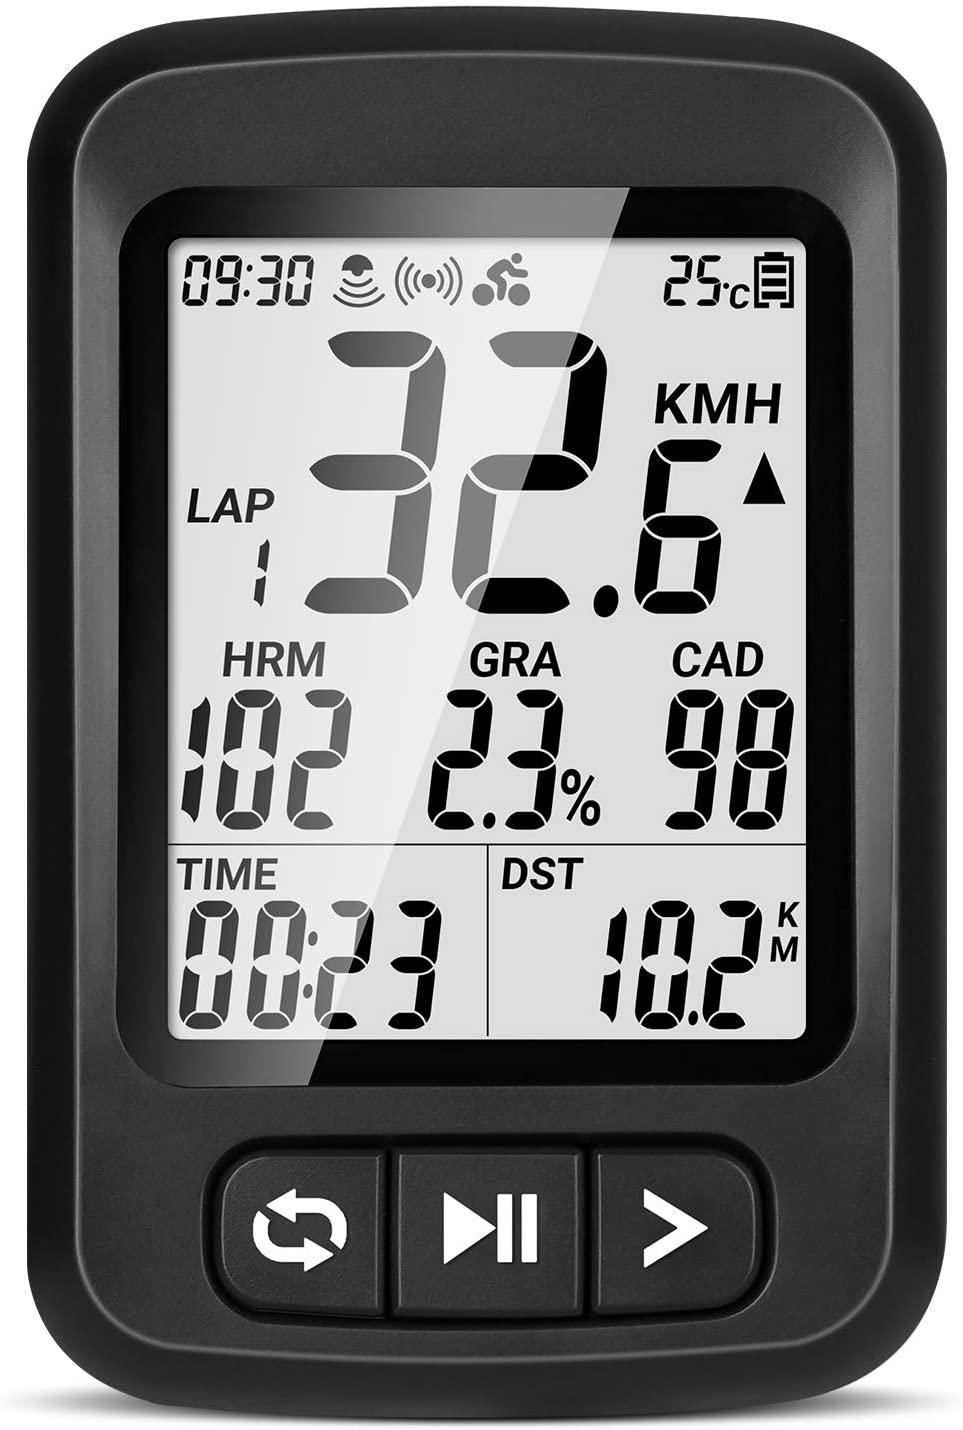 アマゾンでStrava対応GPSサイクルコンピュータが半額の1594円。ANT対応で驚異のコスパ。急げ!